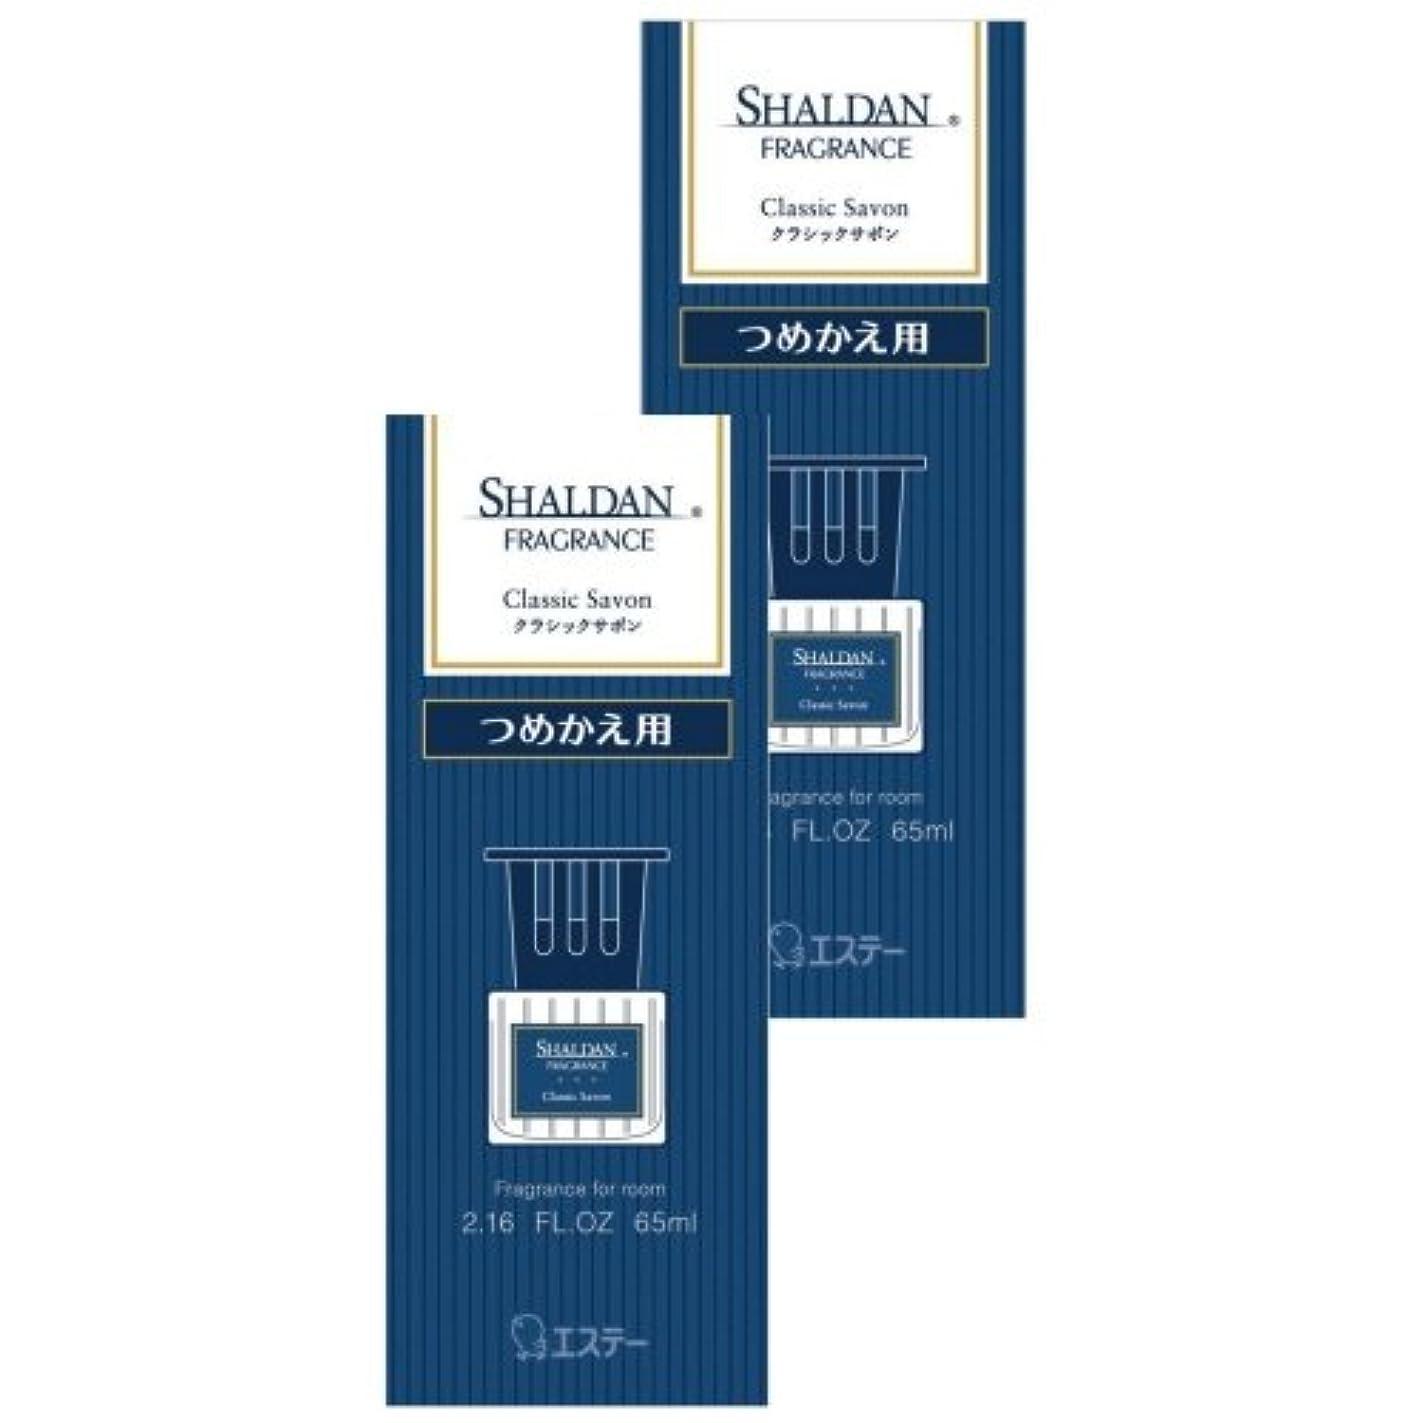 ビュッフェ味方経済的【まとめ買い】 シャルダン SHALDAN フレグランス 消臭芳香剤 部屋用 つめかえ クラシックサボン 65ml×2個